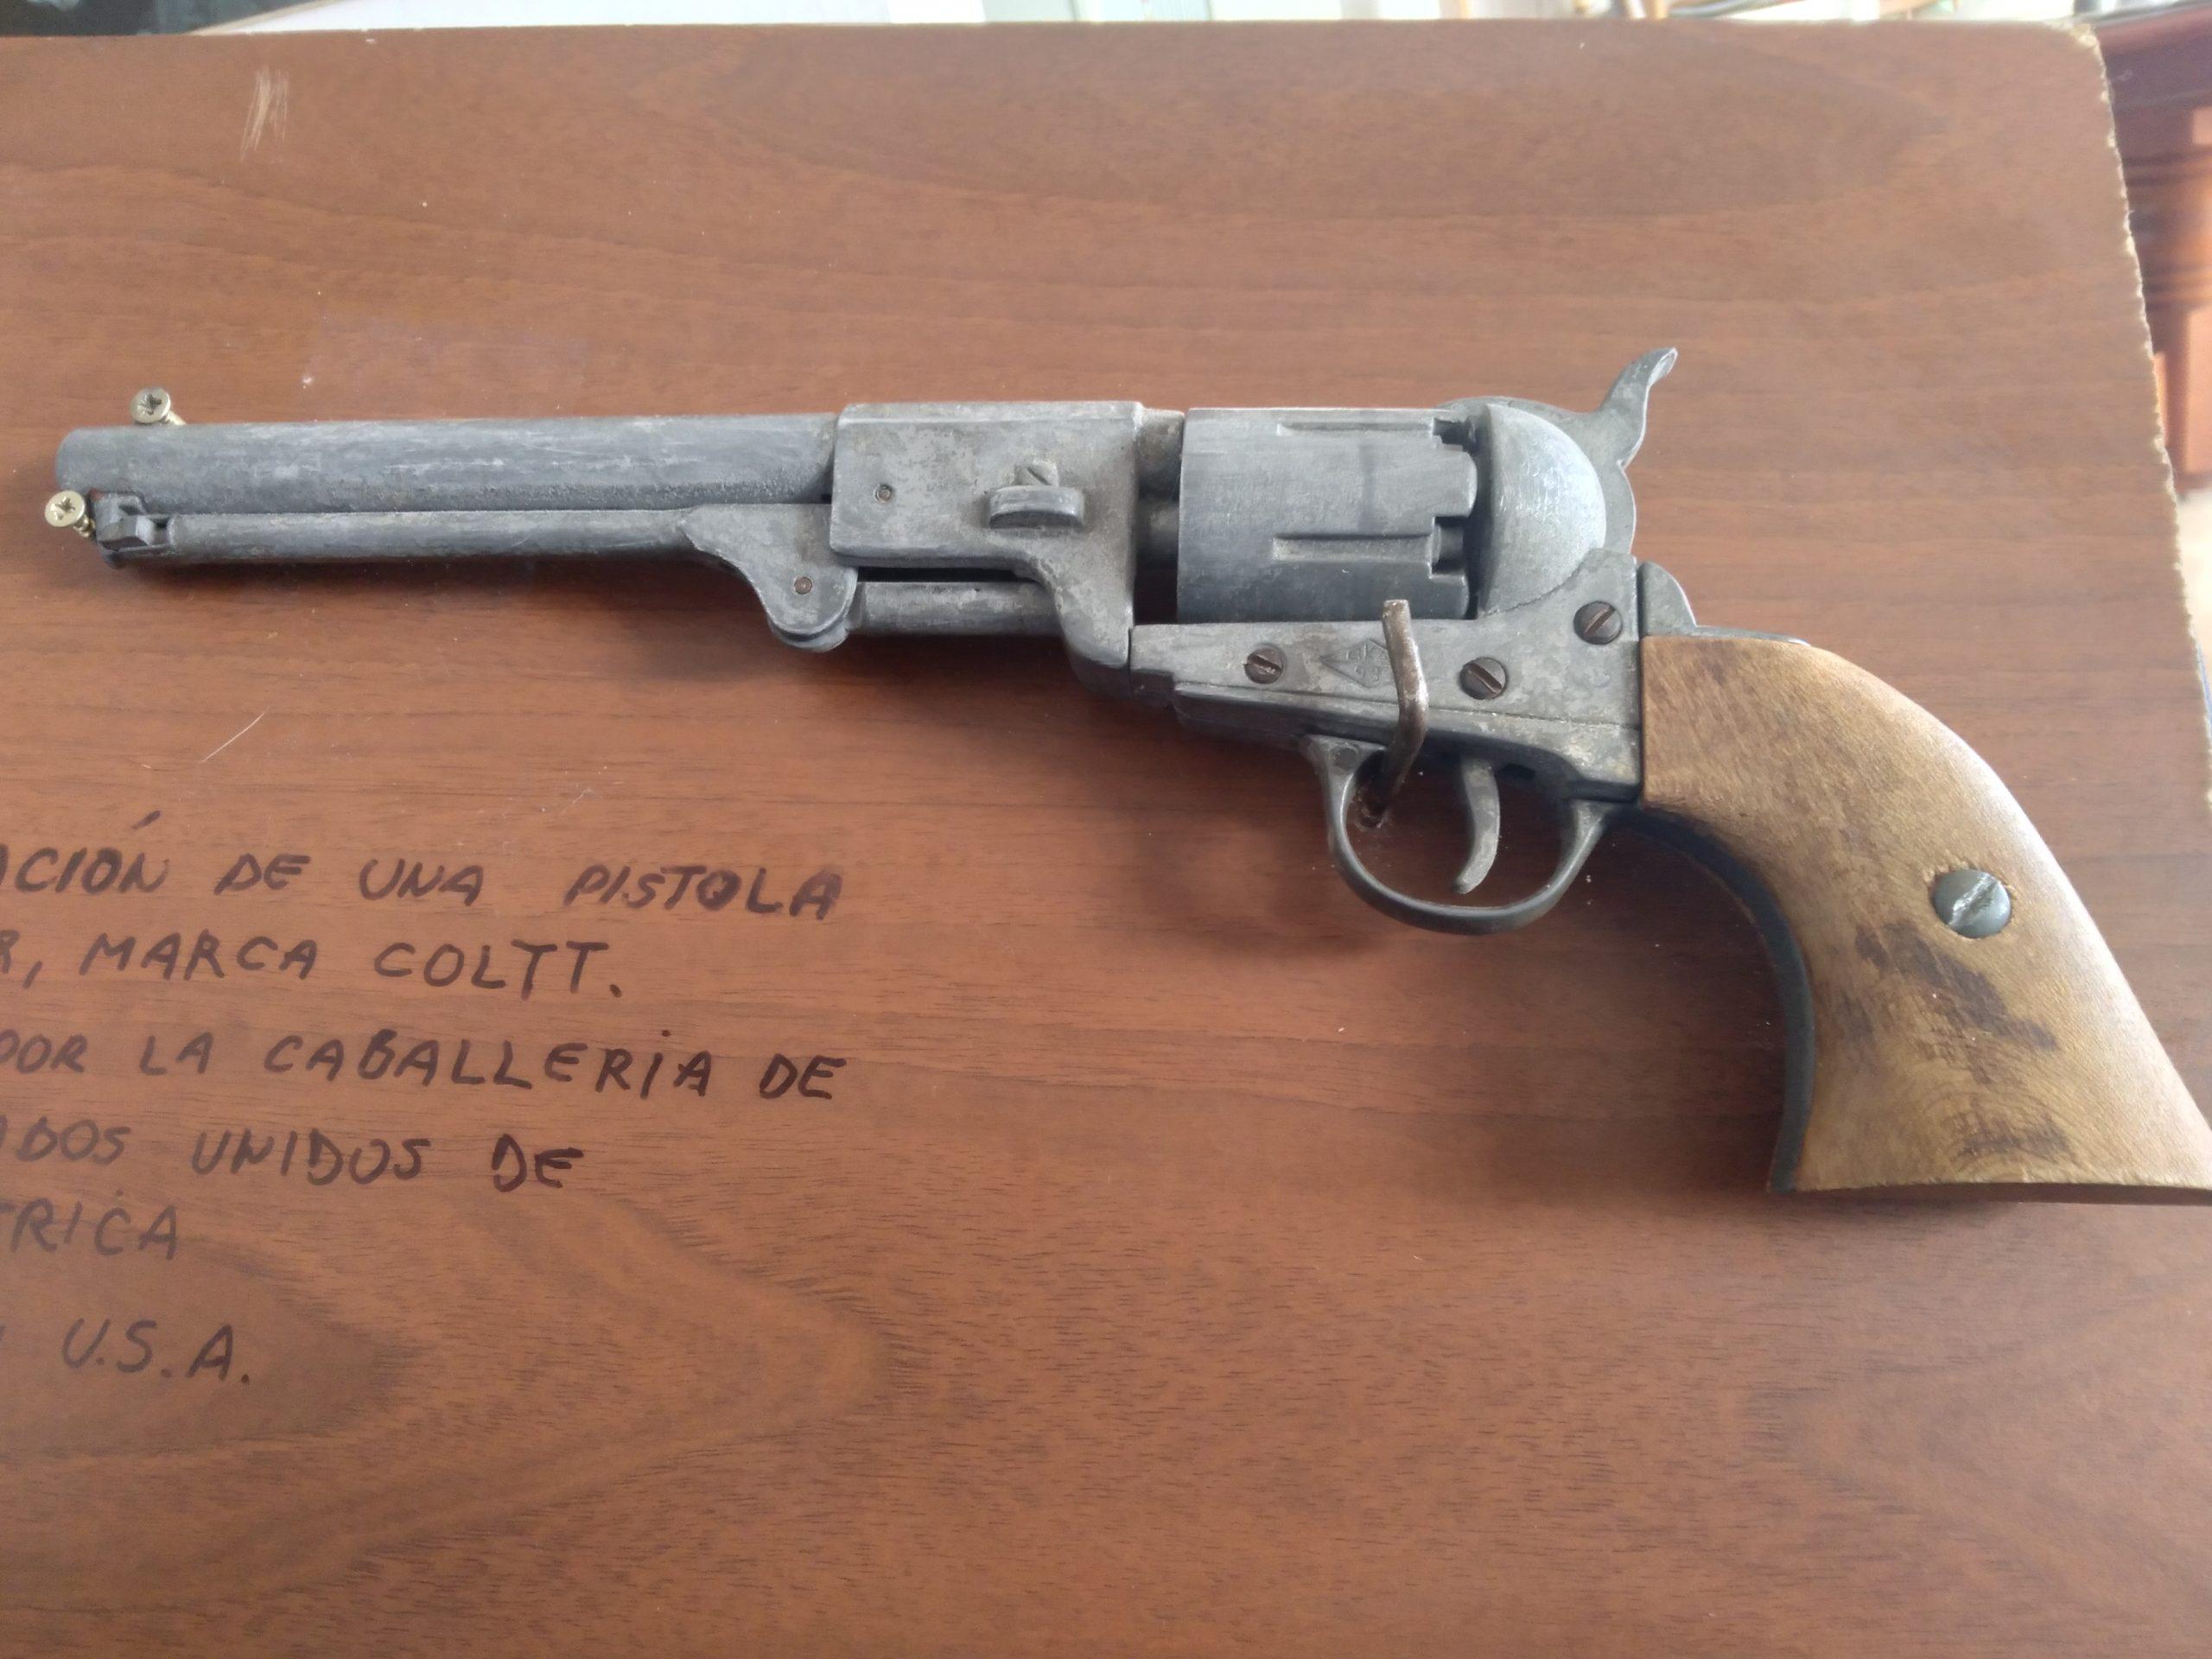 pistola coltt2